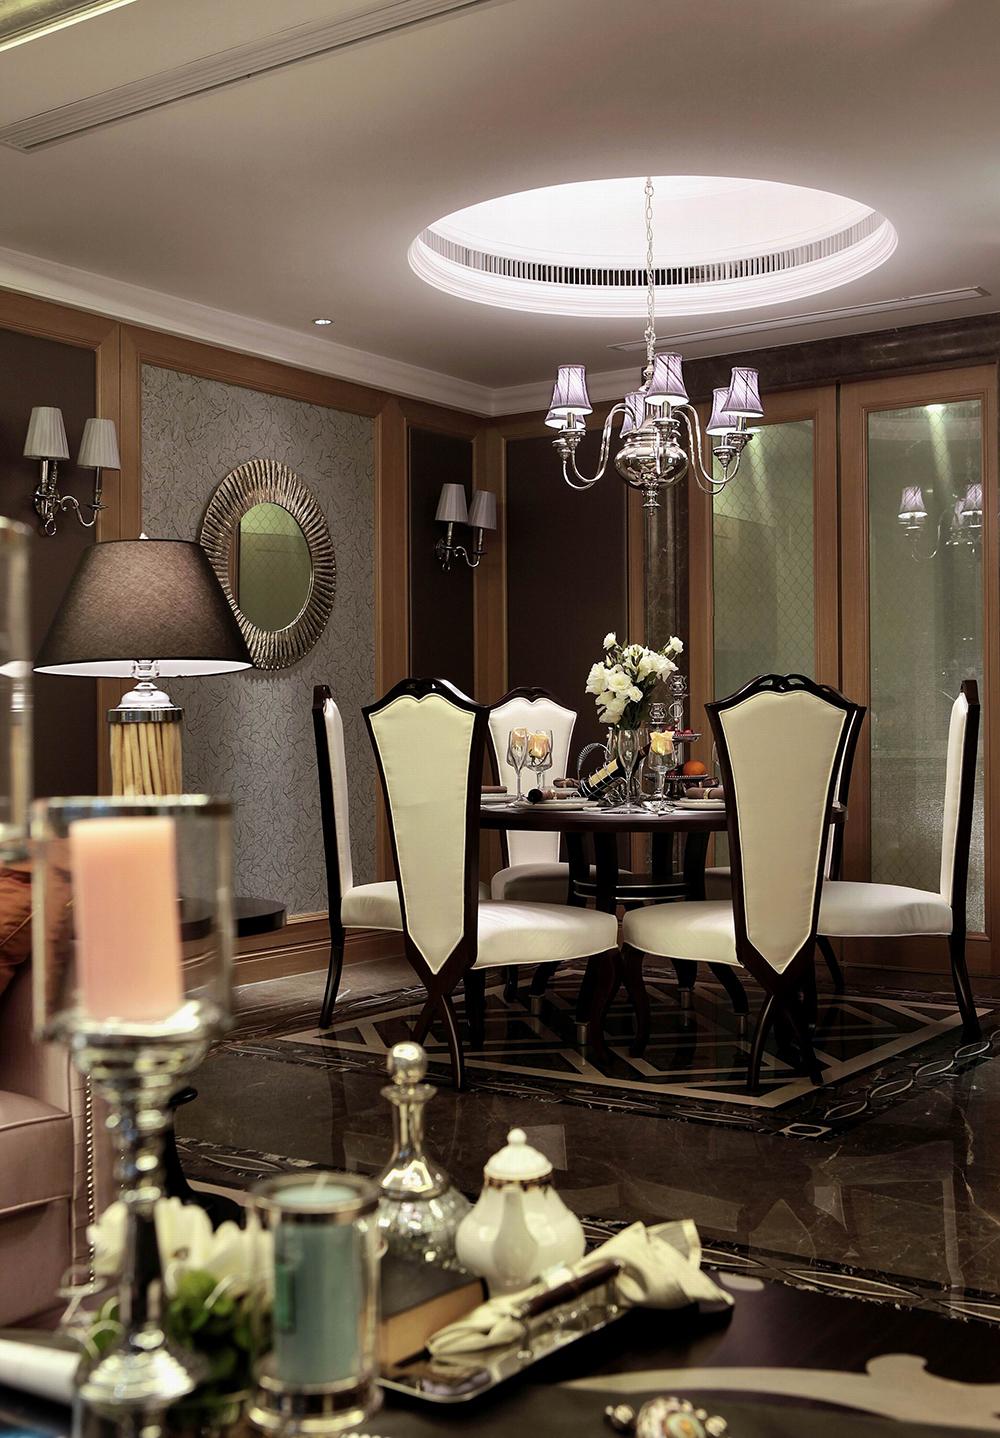 吊顶设计与圆形餐桌上下呼应,光华感十足的灯饰,将雅致的光线挥洒餐椅上,尽展一派悠然风姿。